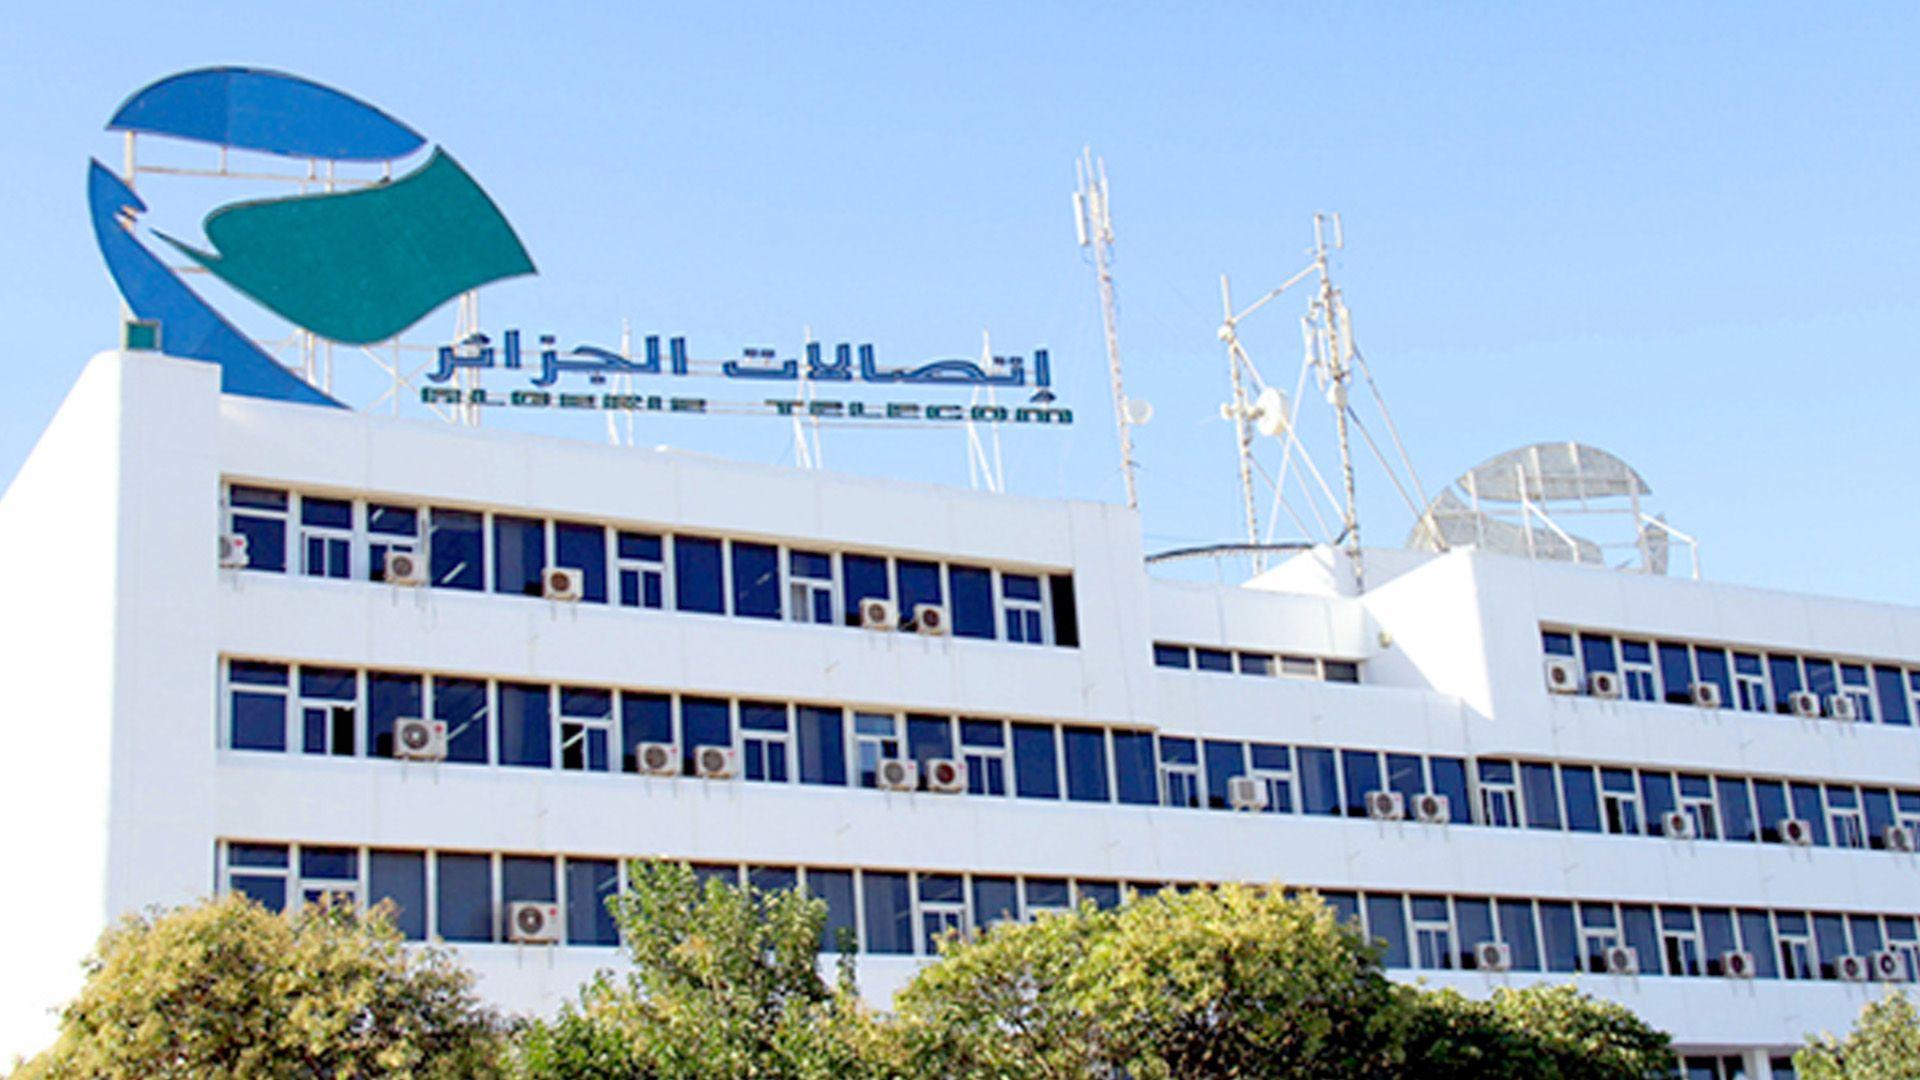 Algerie Telecom Baisse Les Tarifs Sur Ses Offres Internet Https Www Observalgerie Com Algerie Telecom Baisse Les T Reseau Internet Telecommunication Economie